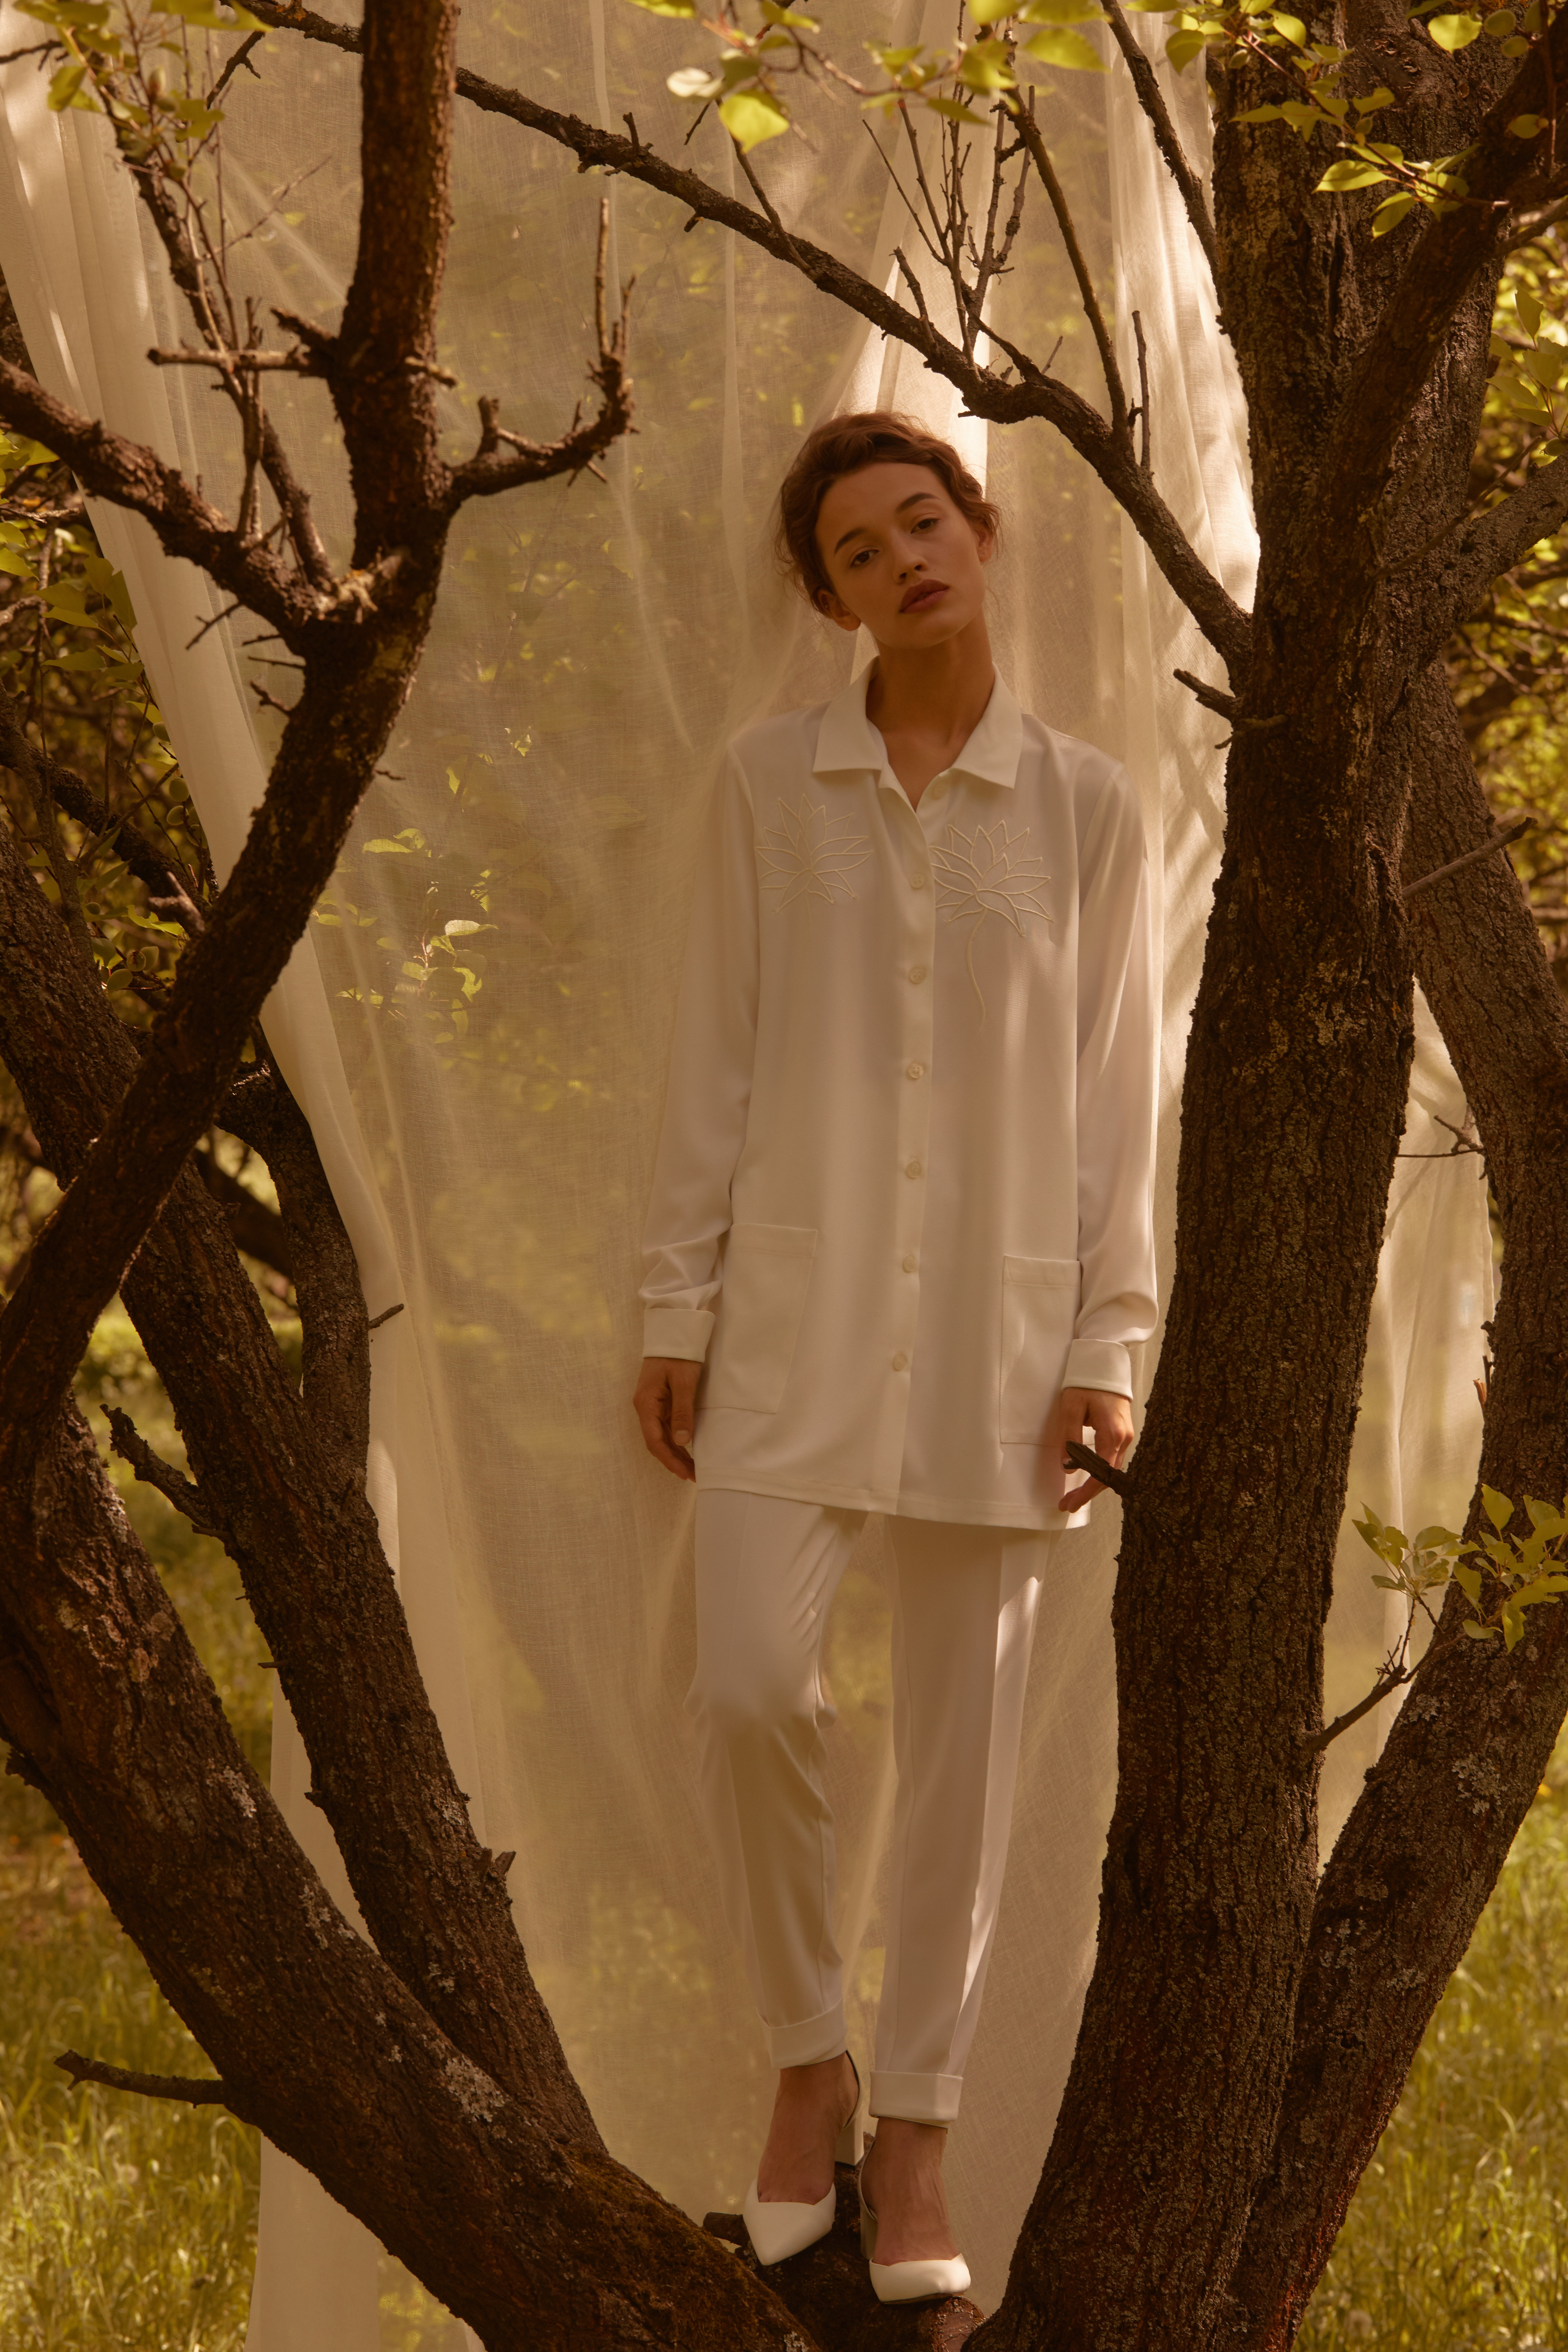 Лесная песня, лилия и образ Мавки в новой коллекции - Total White x SHUSHAN 4